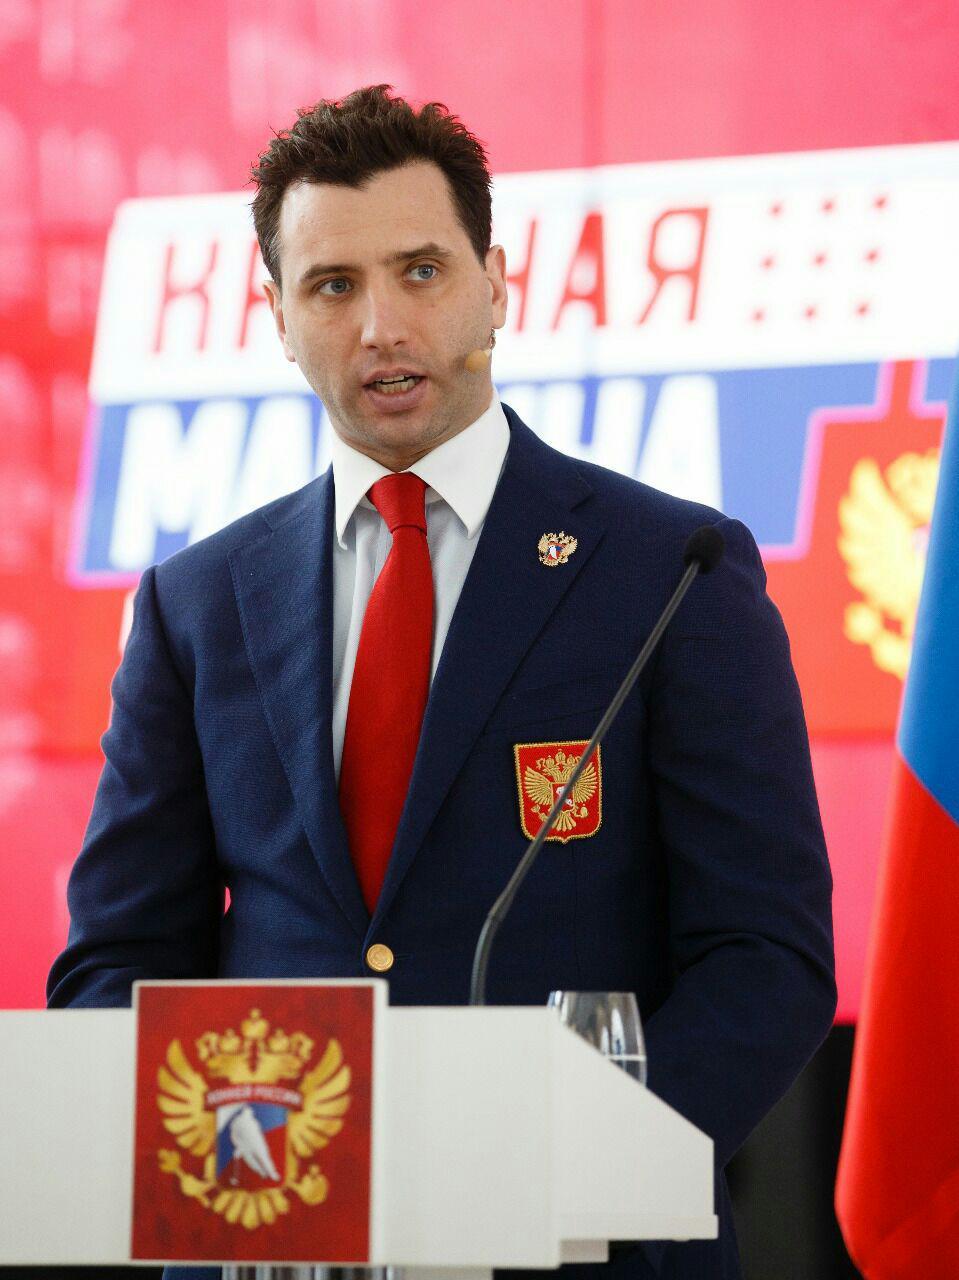 Молодежная сборная России перед МЧМ сыграет с США, Швейцарией и Швецией